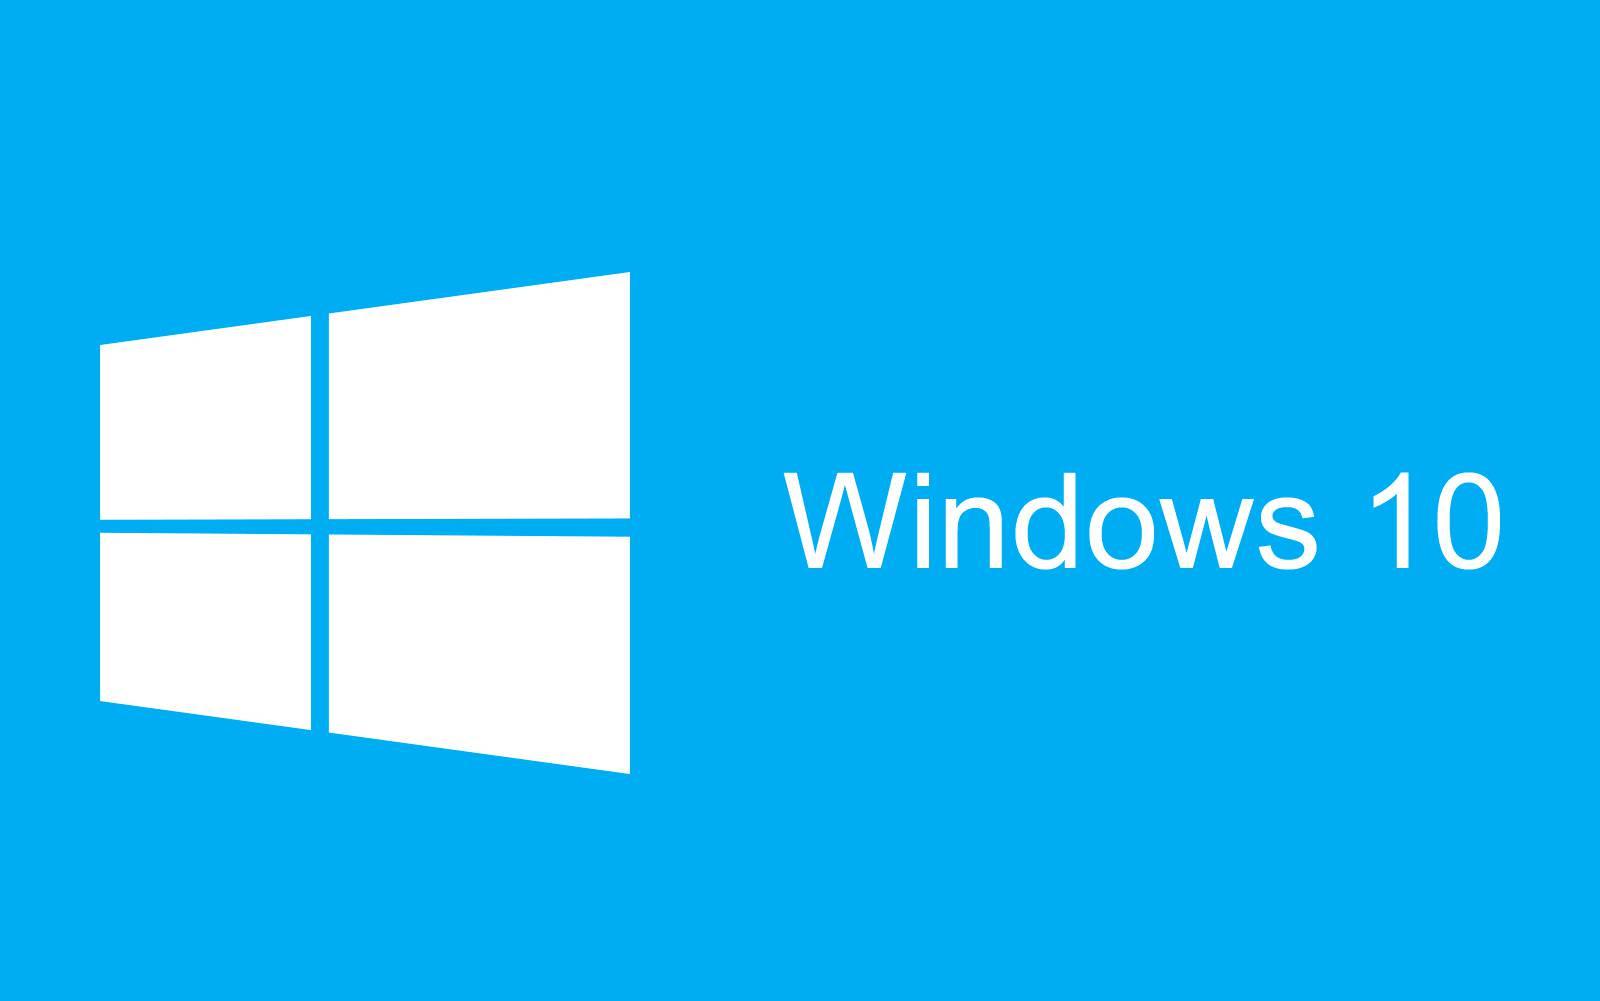 Windows 10 parole